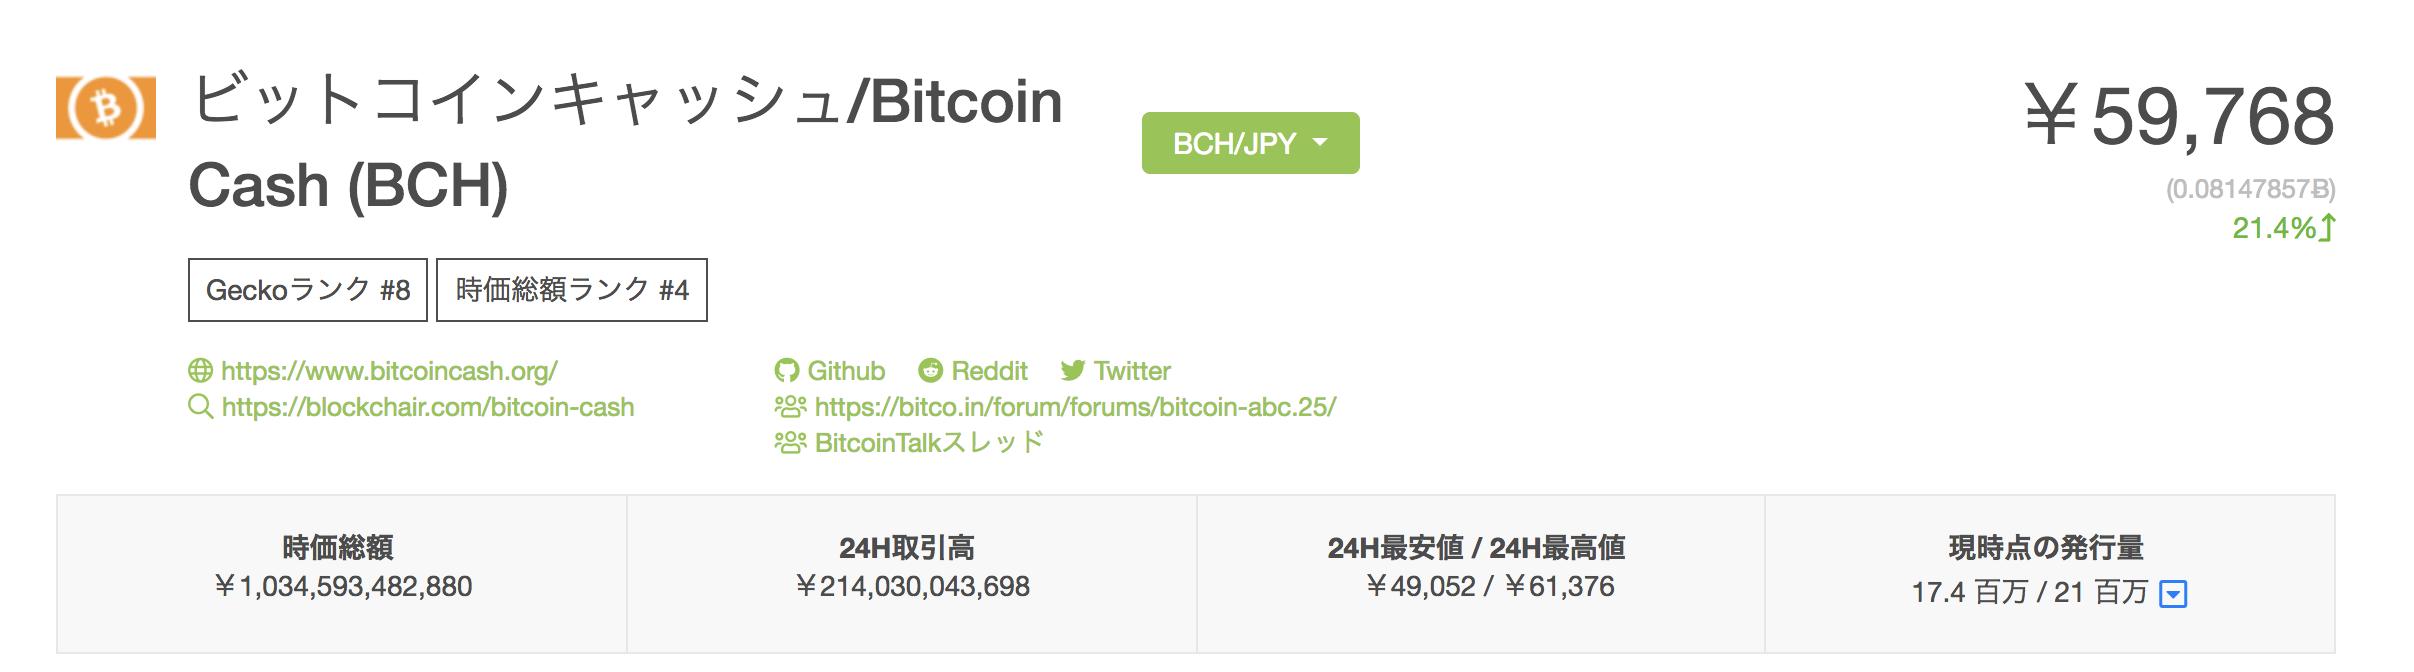 BitcoinCash(ビットコインキャッシュ) 9月27日 高騰